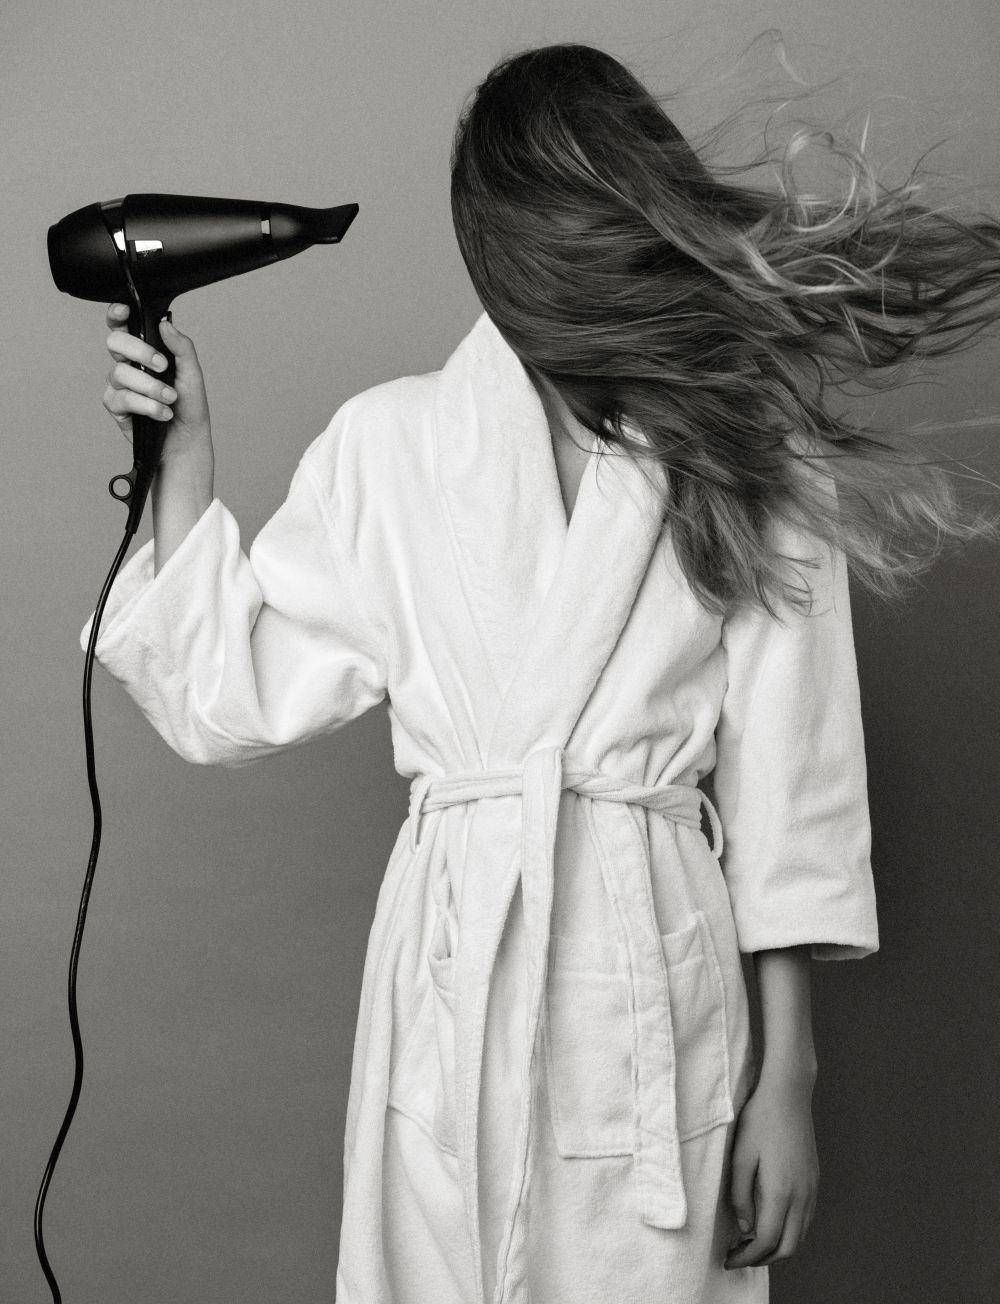 No acerques mucho el secador a tu melena y apuesta por aire más templado para peinar y modelar tu pelo.